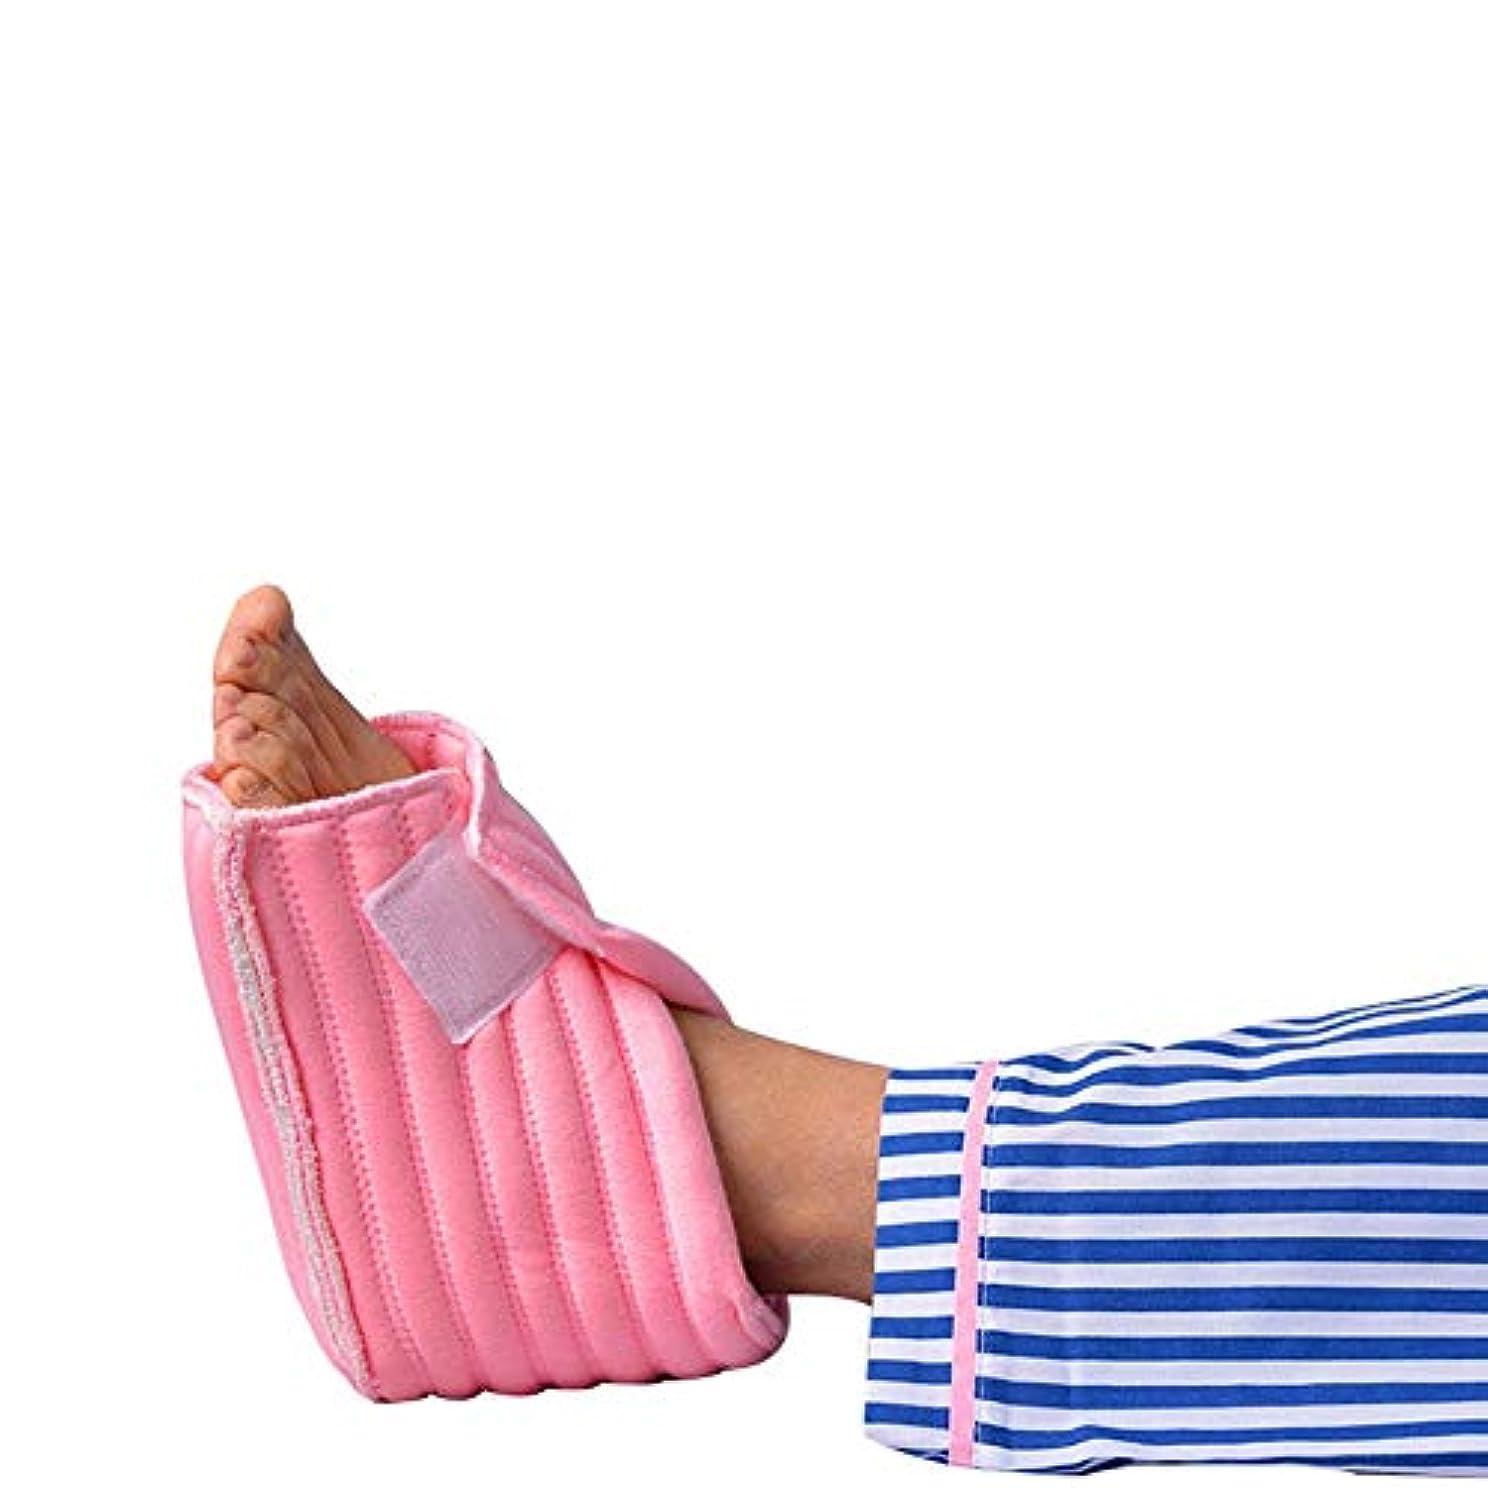 ベーリング海峡暴力征服者ヒールクッションプロテクター、一対の足枕かかと褥瘡をパッド通気性水分吸上コア